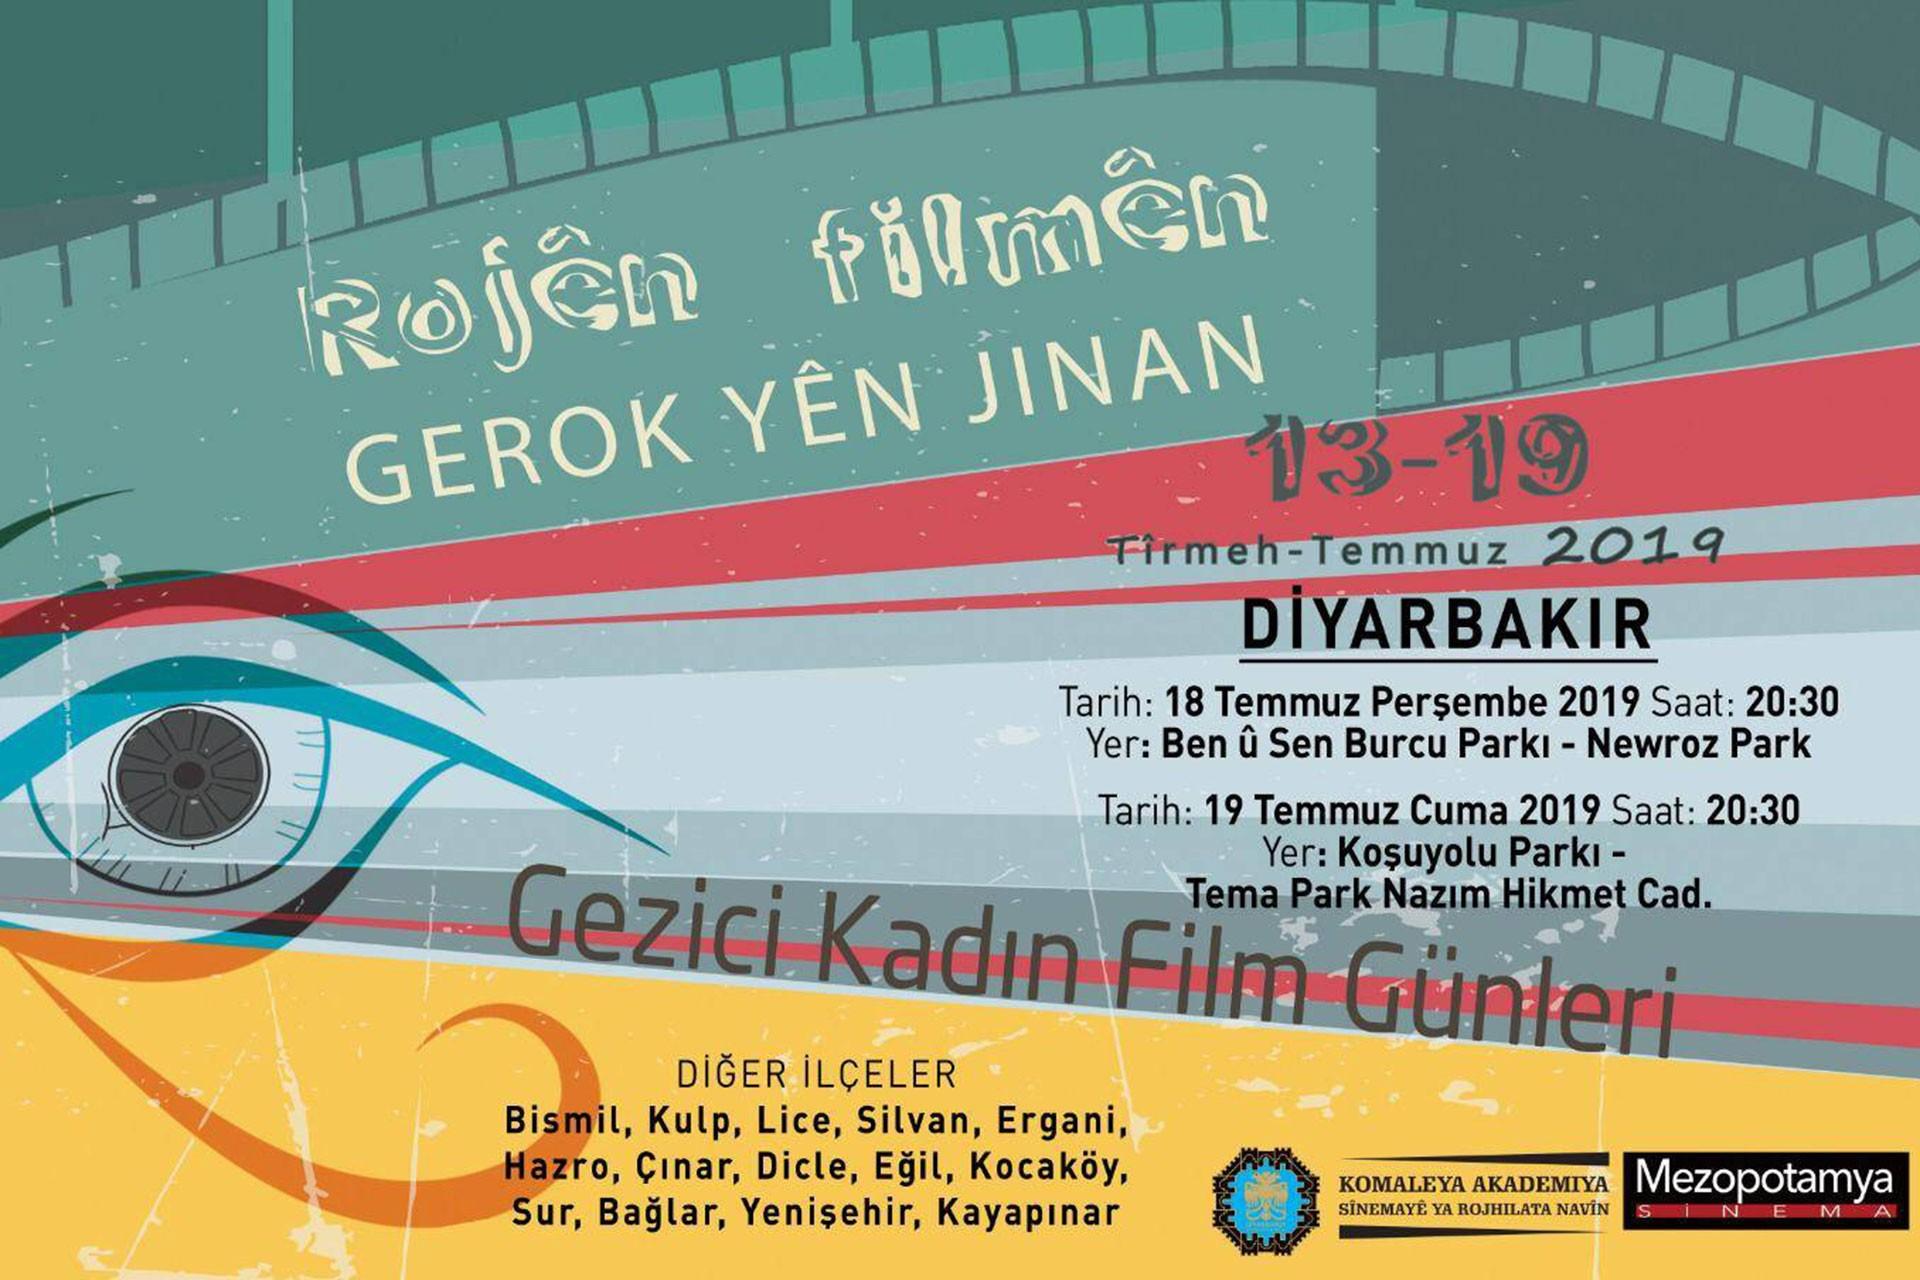 Diyarbakır'da Gezici Kadın Film Günleri 13 Temmuz'da başlıyor